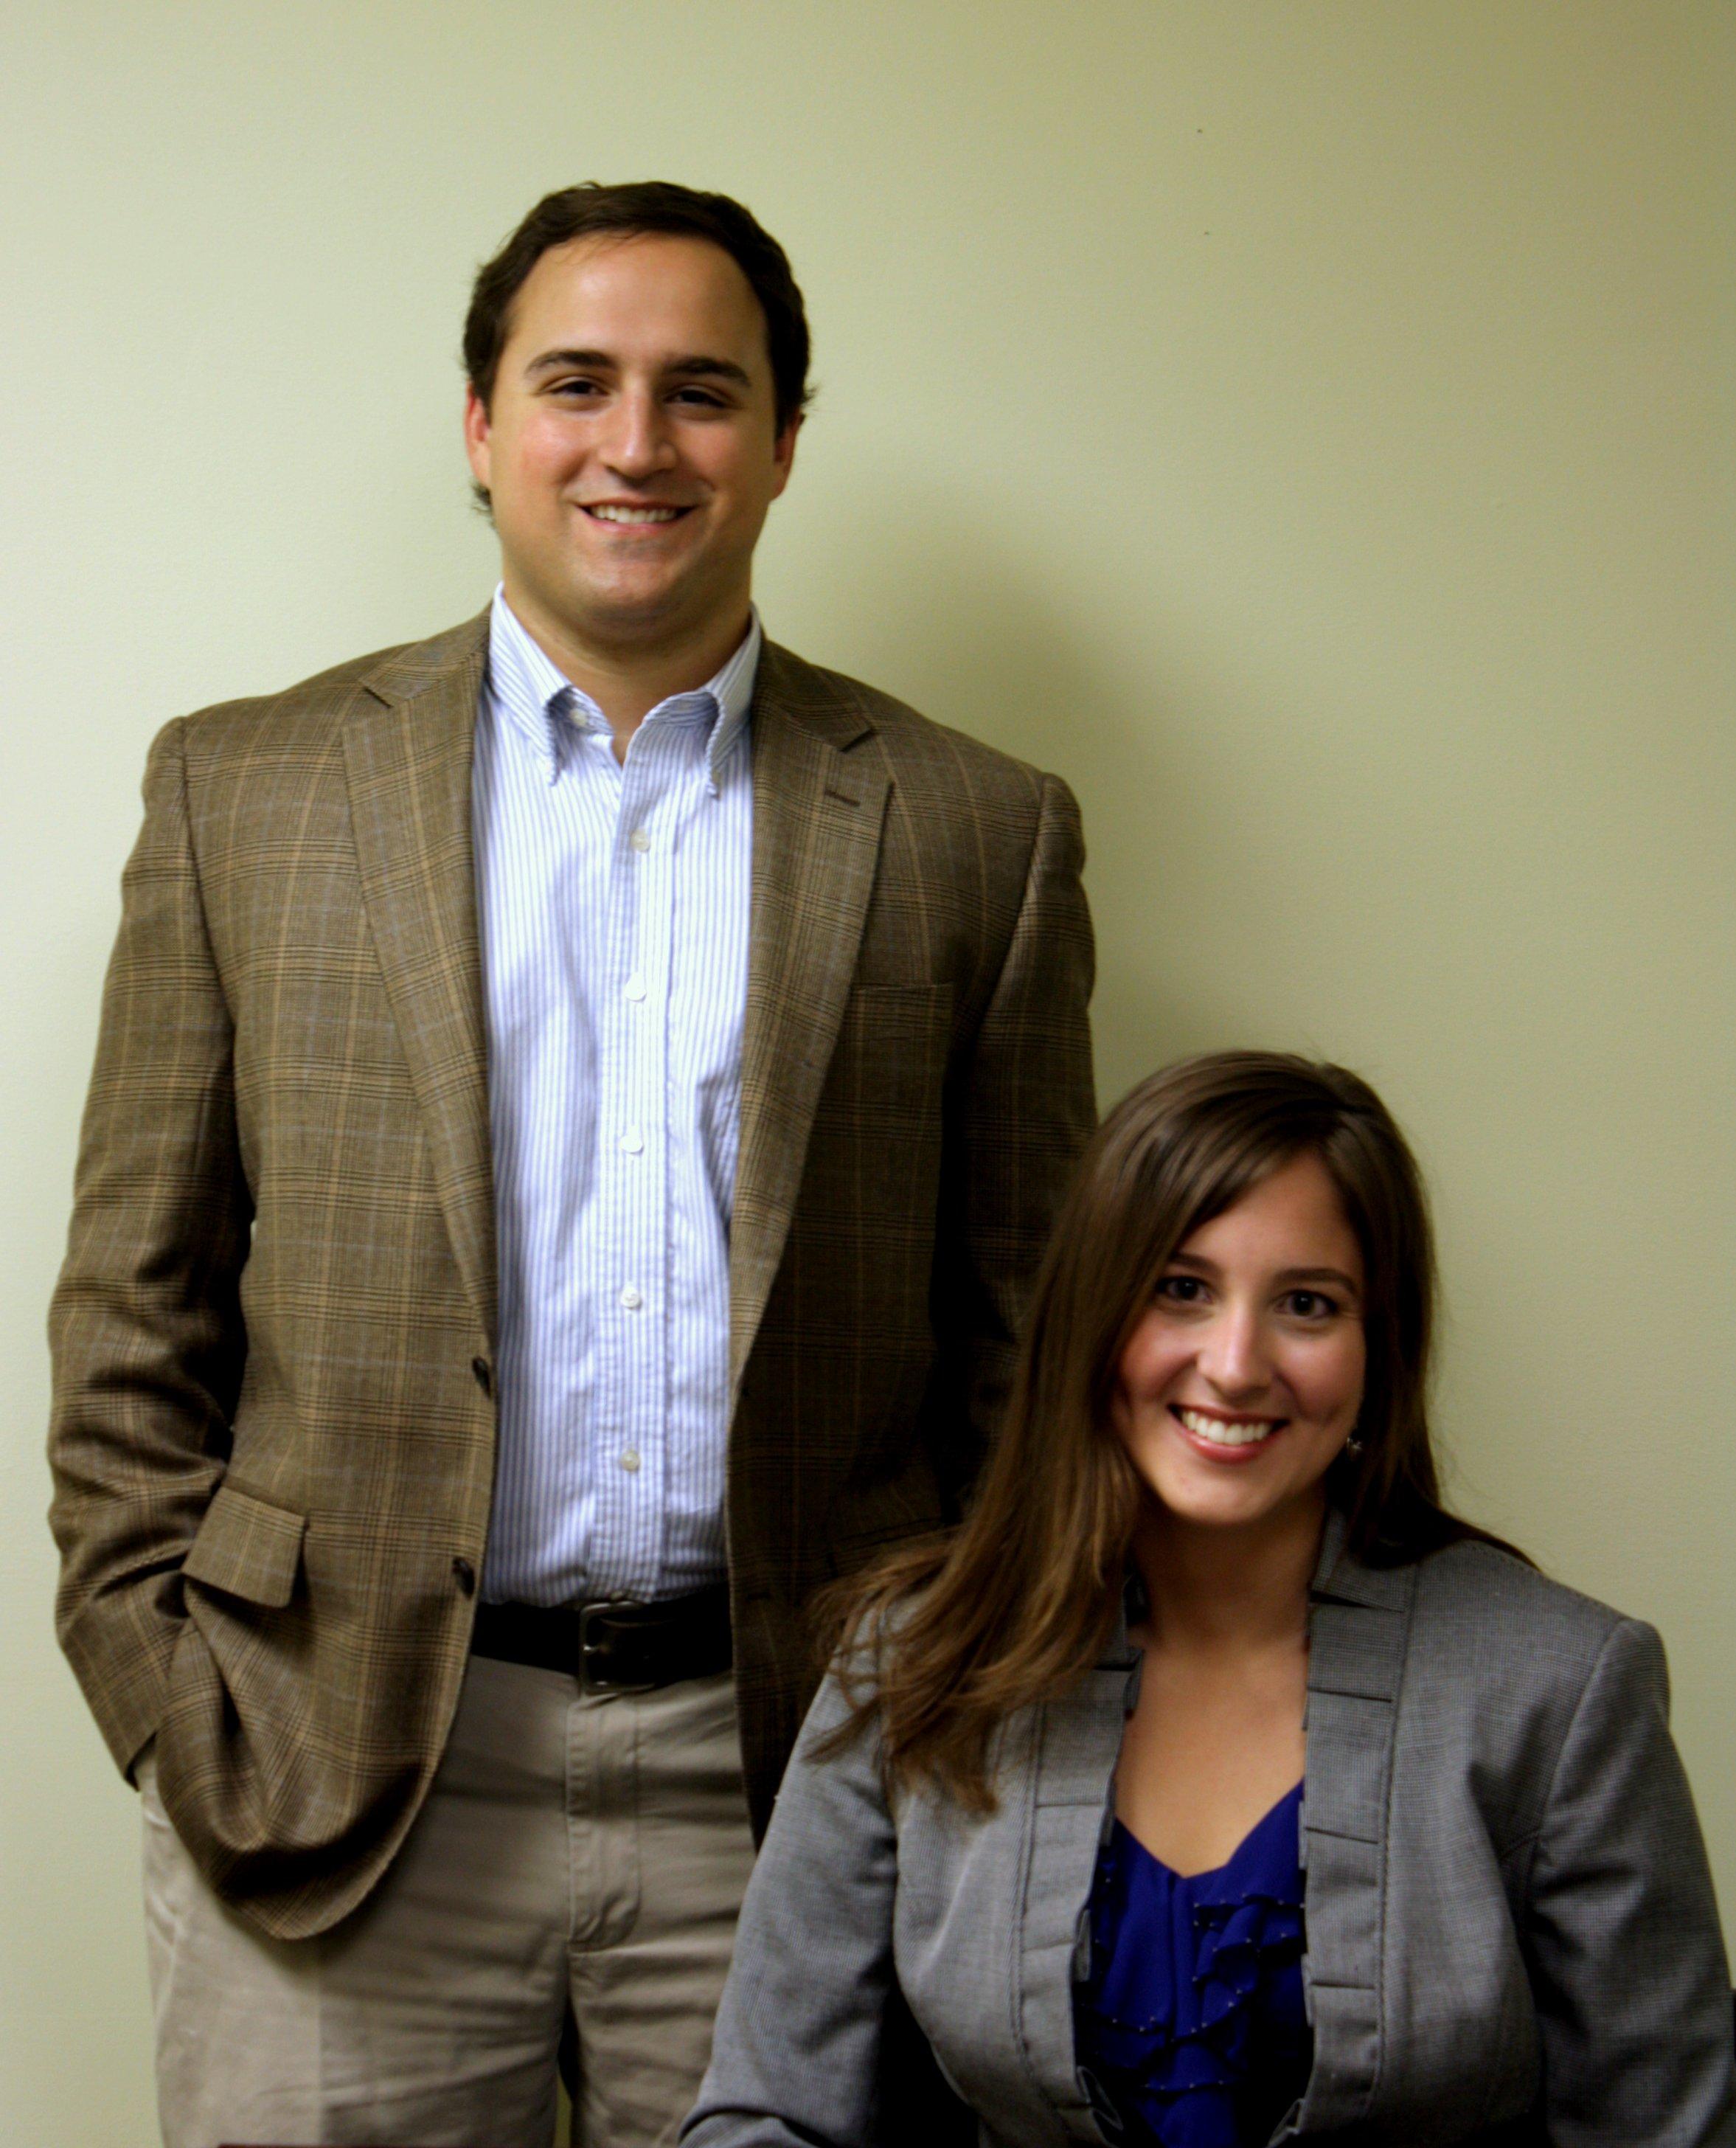 Alyssa Enzor and Adam Maniscalco